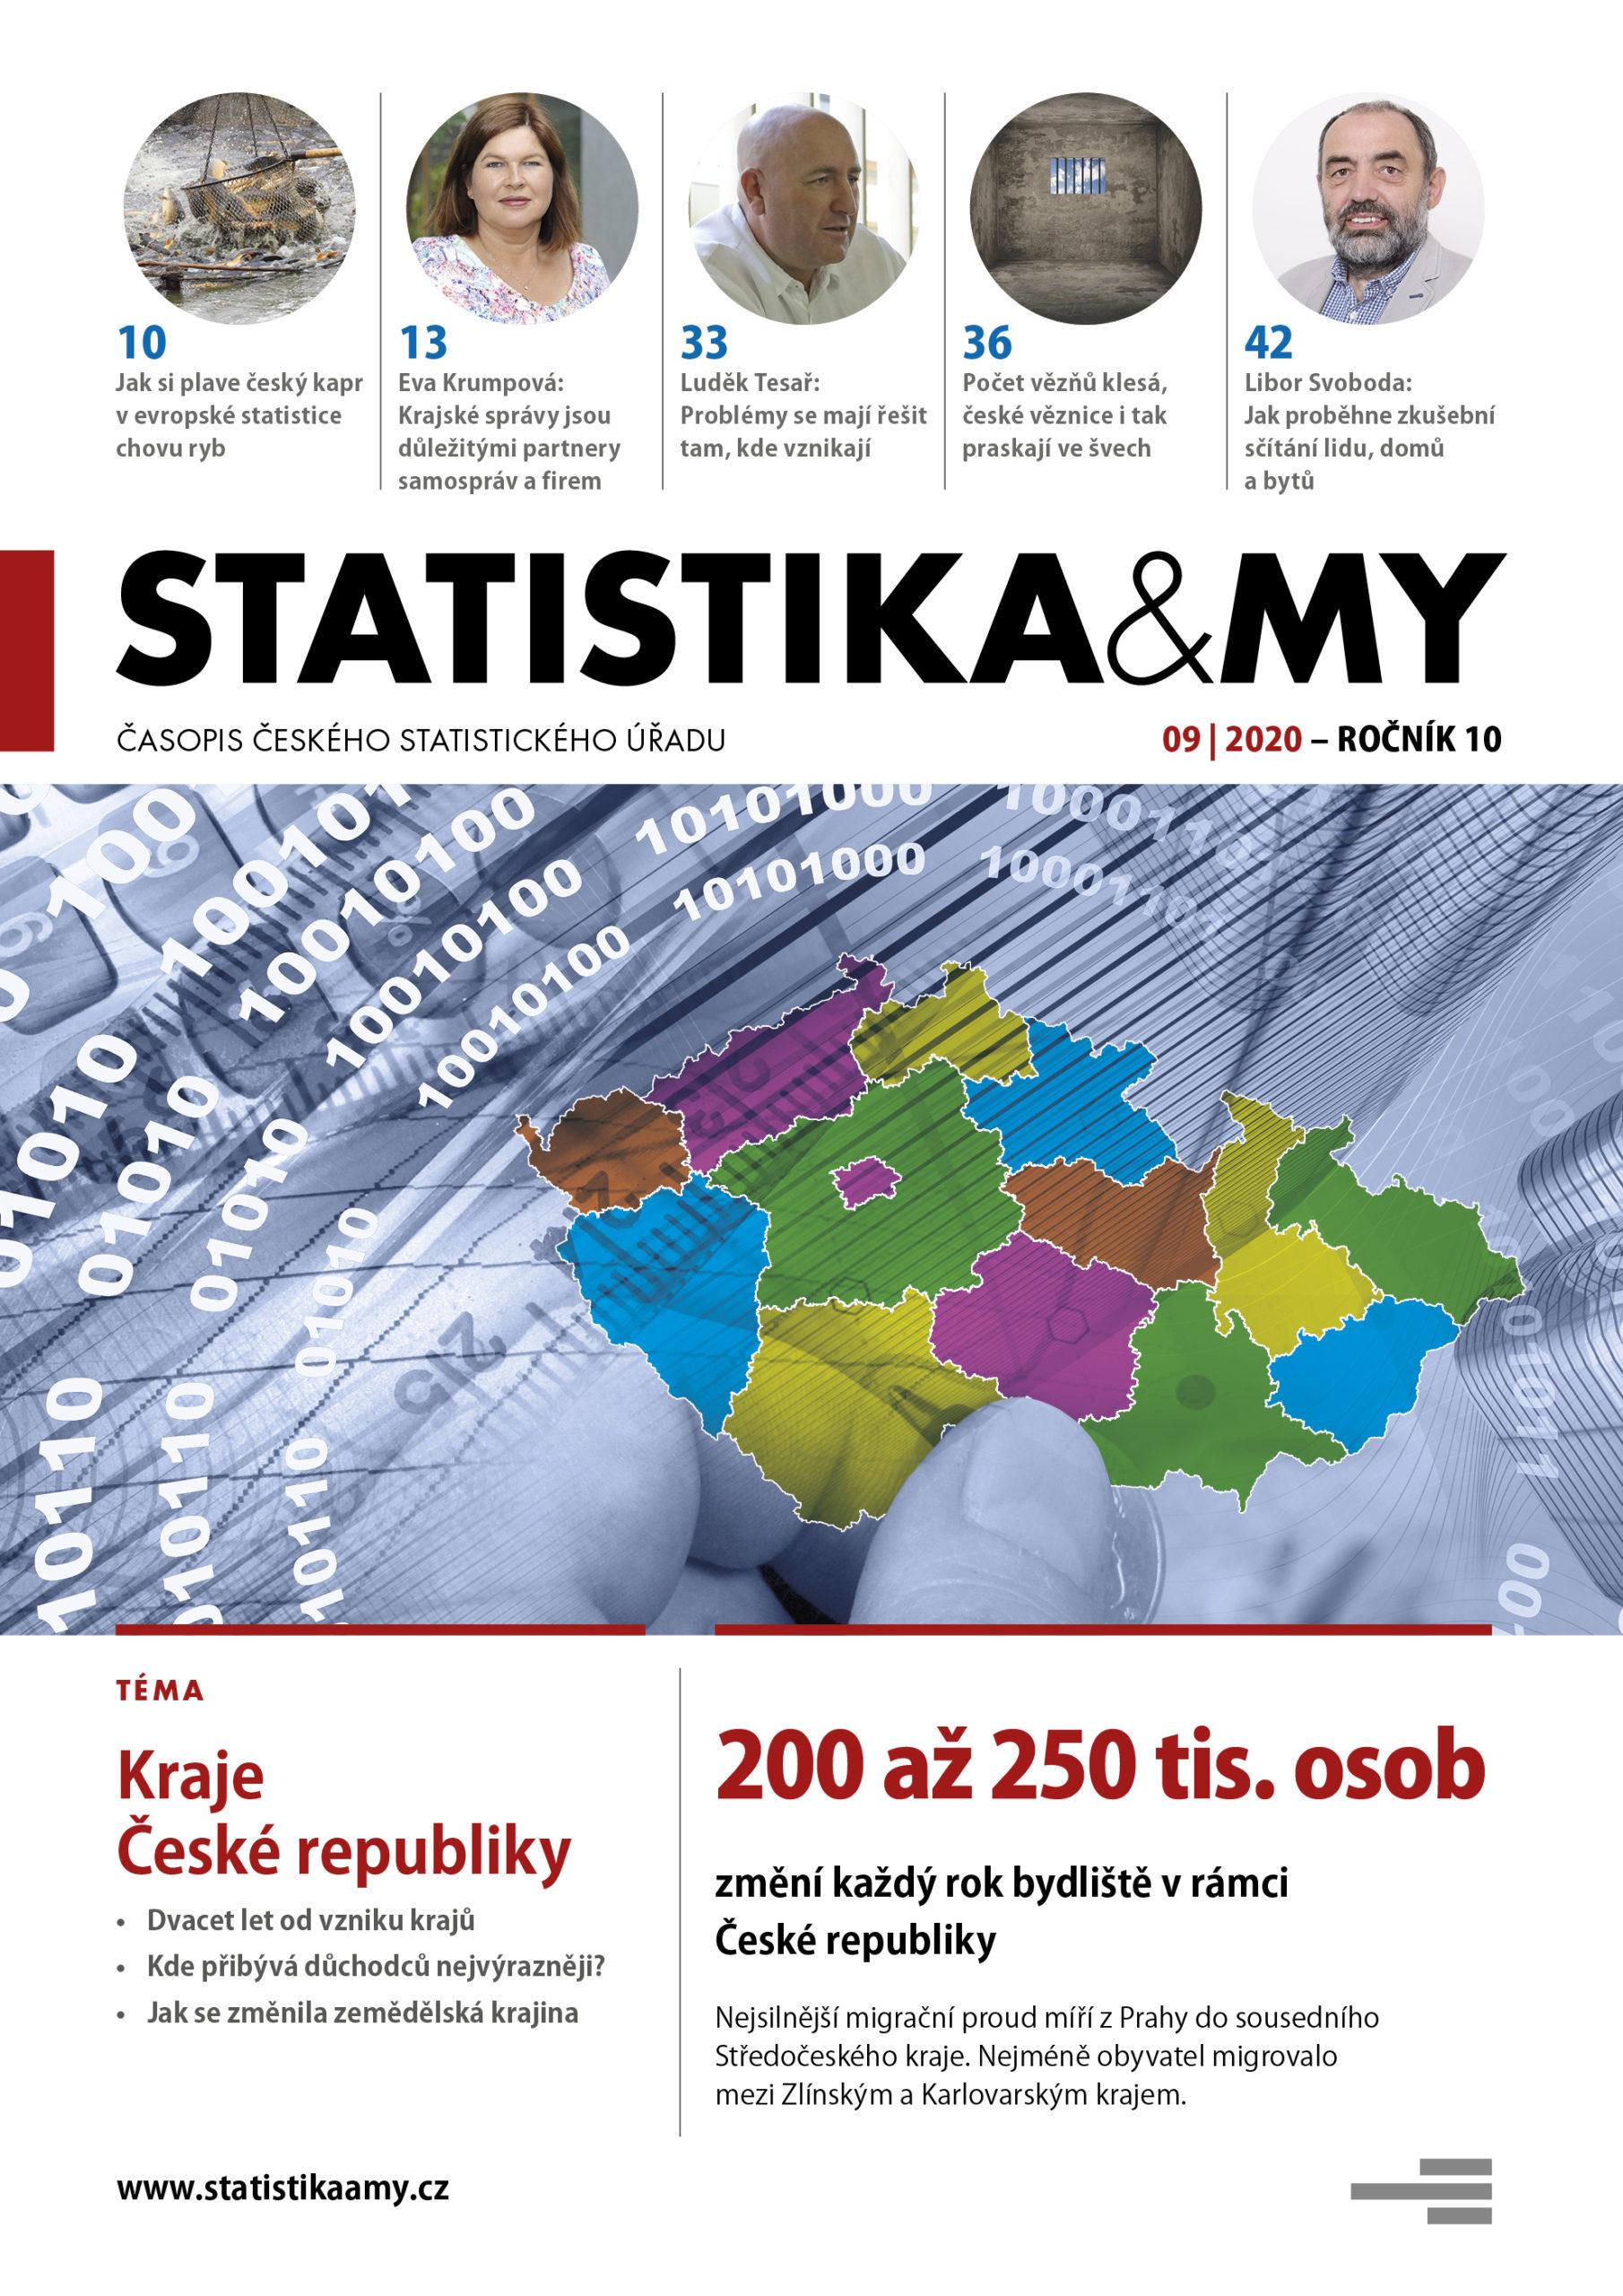 titulní strana časopisu Statistika&My 09/2020